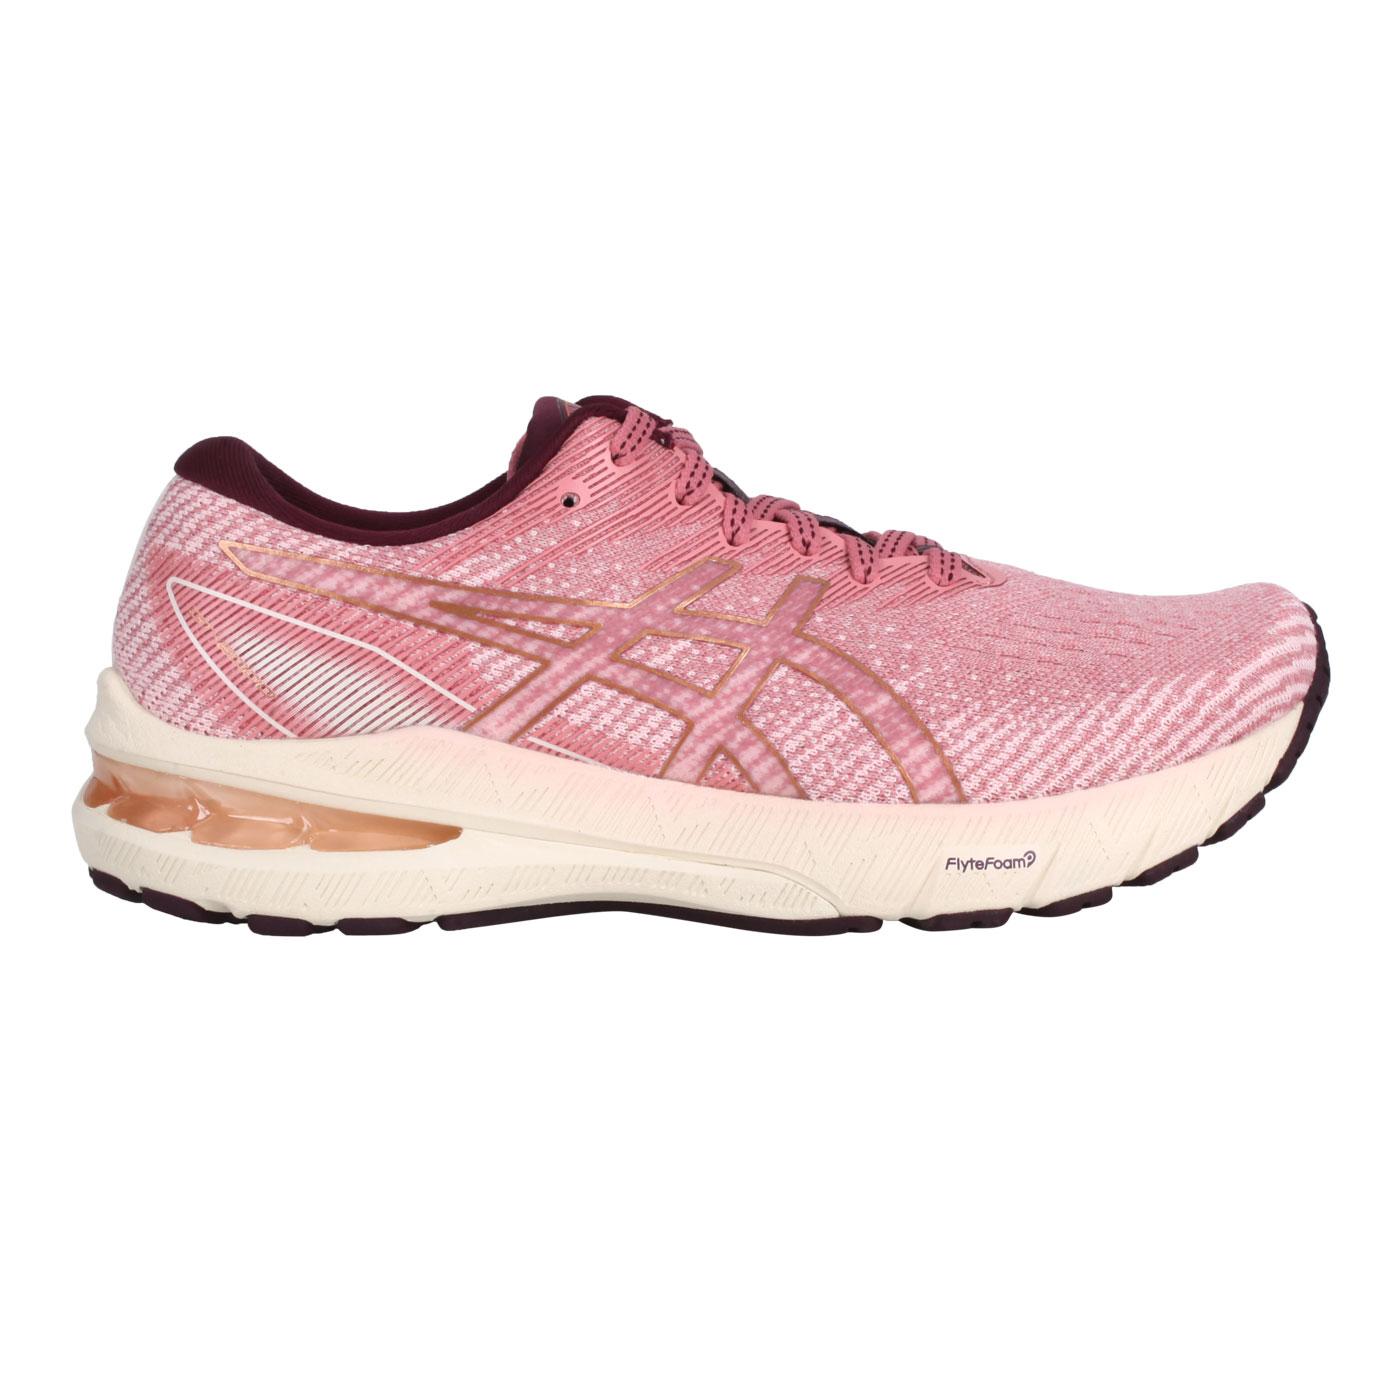 ASICS 女款慢跑鞋  @GT-2000 10@1012B045-701 - 玫紅紫金